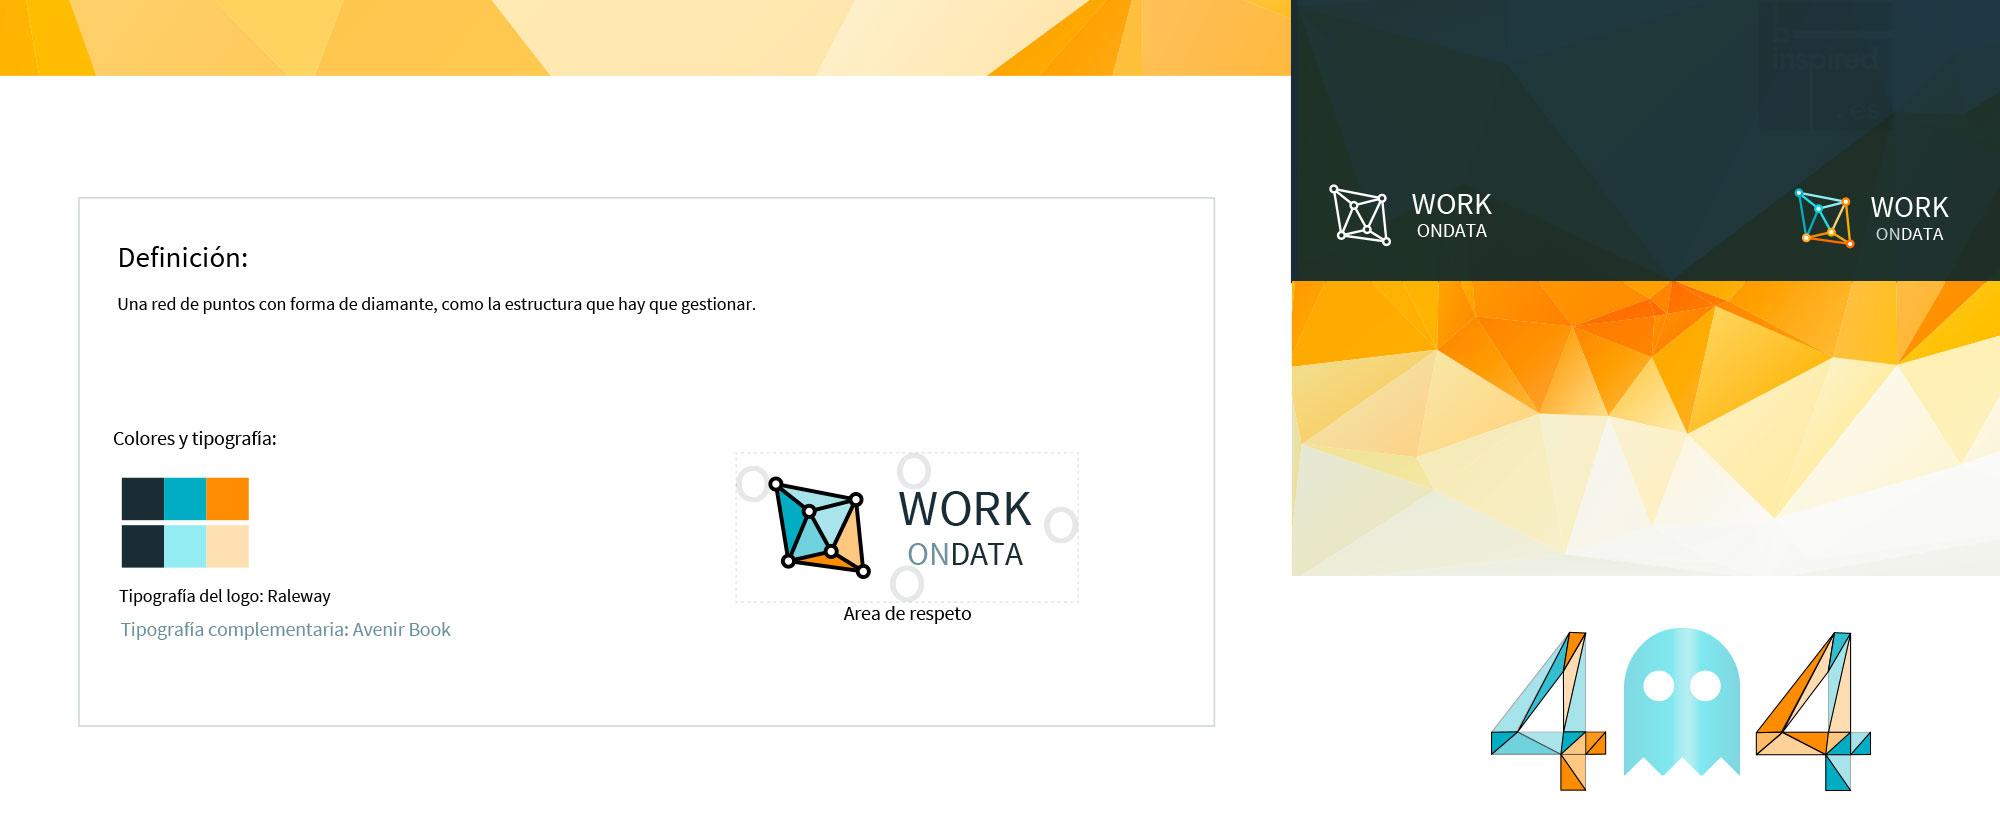 WorkOnData, imagen de marca y diseño de aplicación